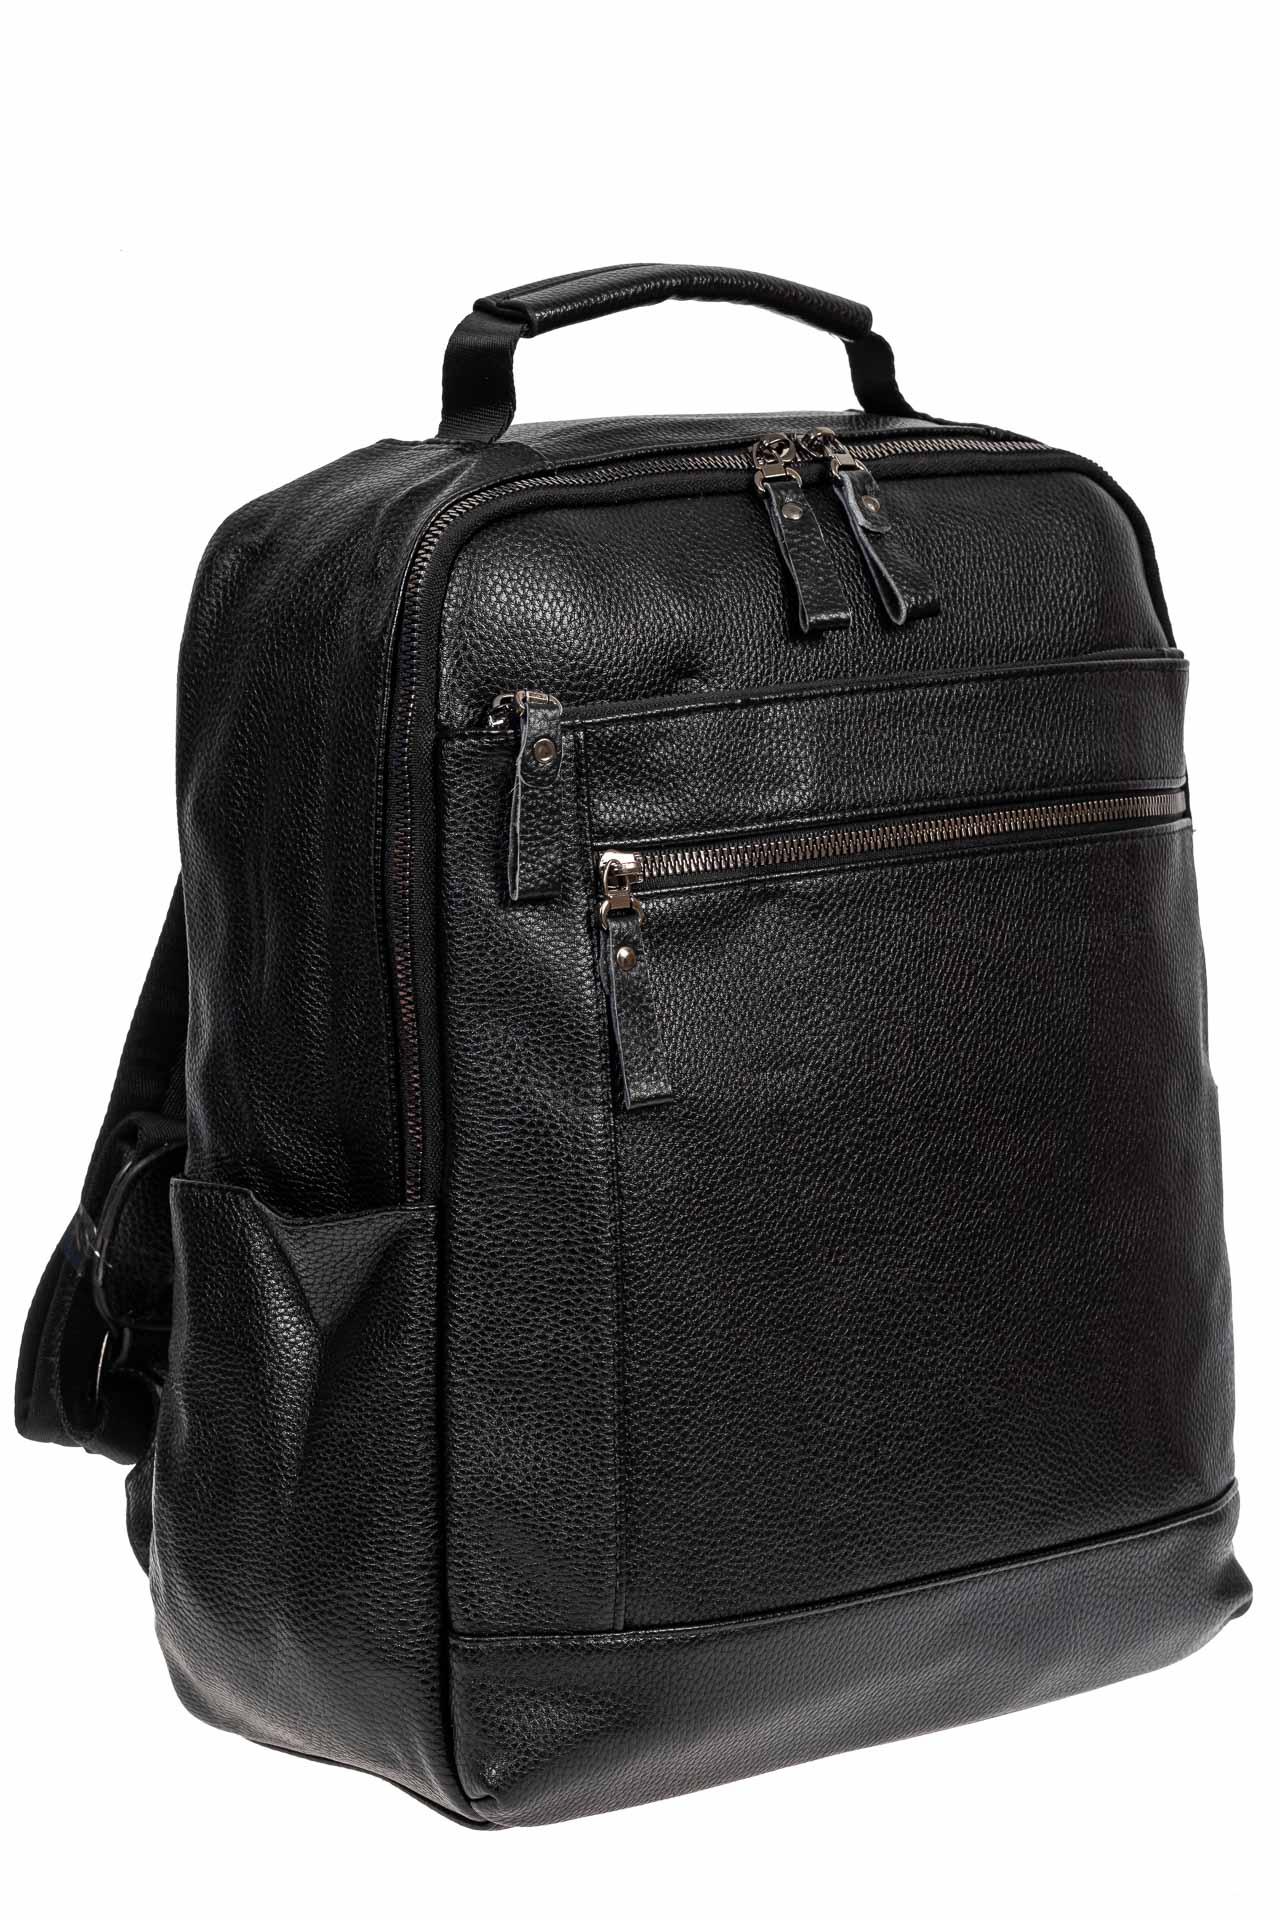 Мужской рюкзак из экокожи с отделением для ноутбука, цвет чёрный